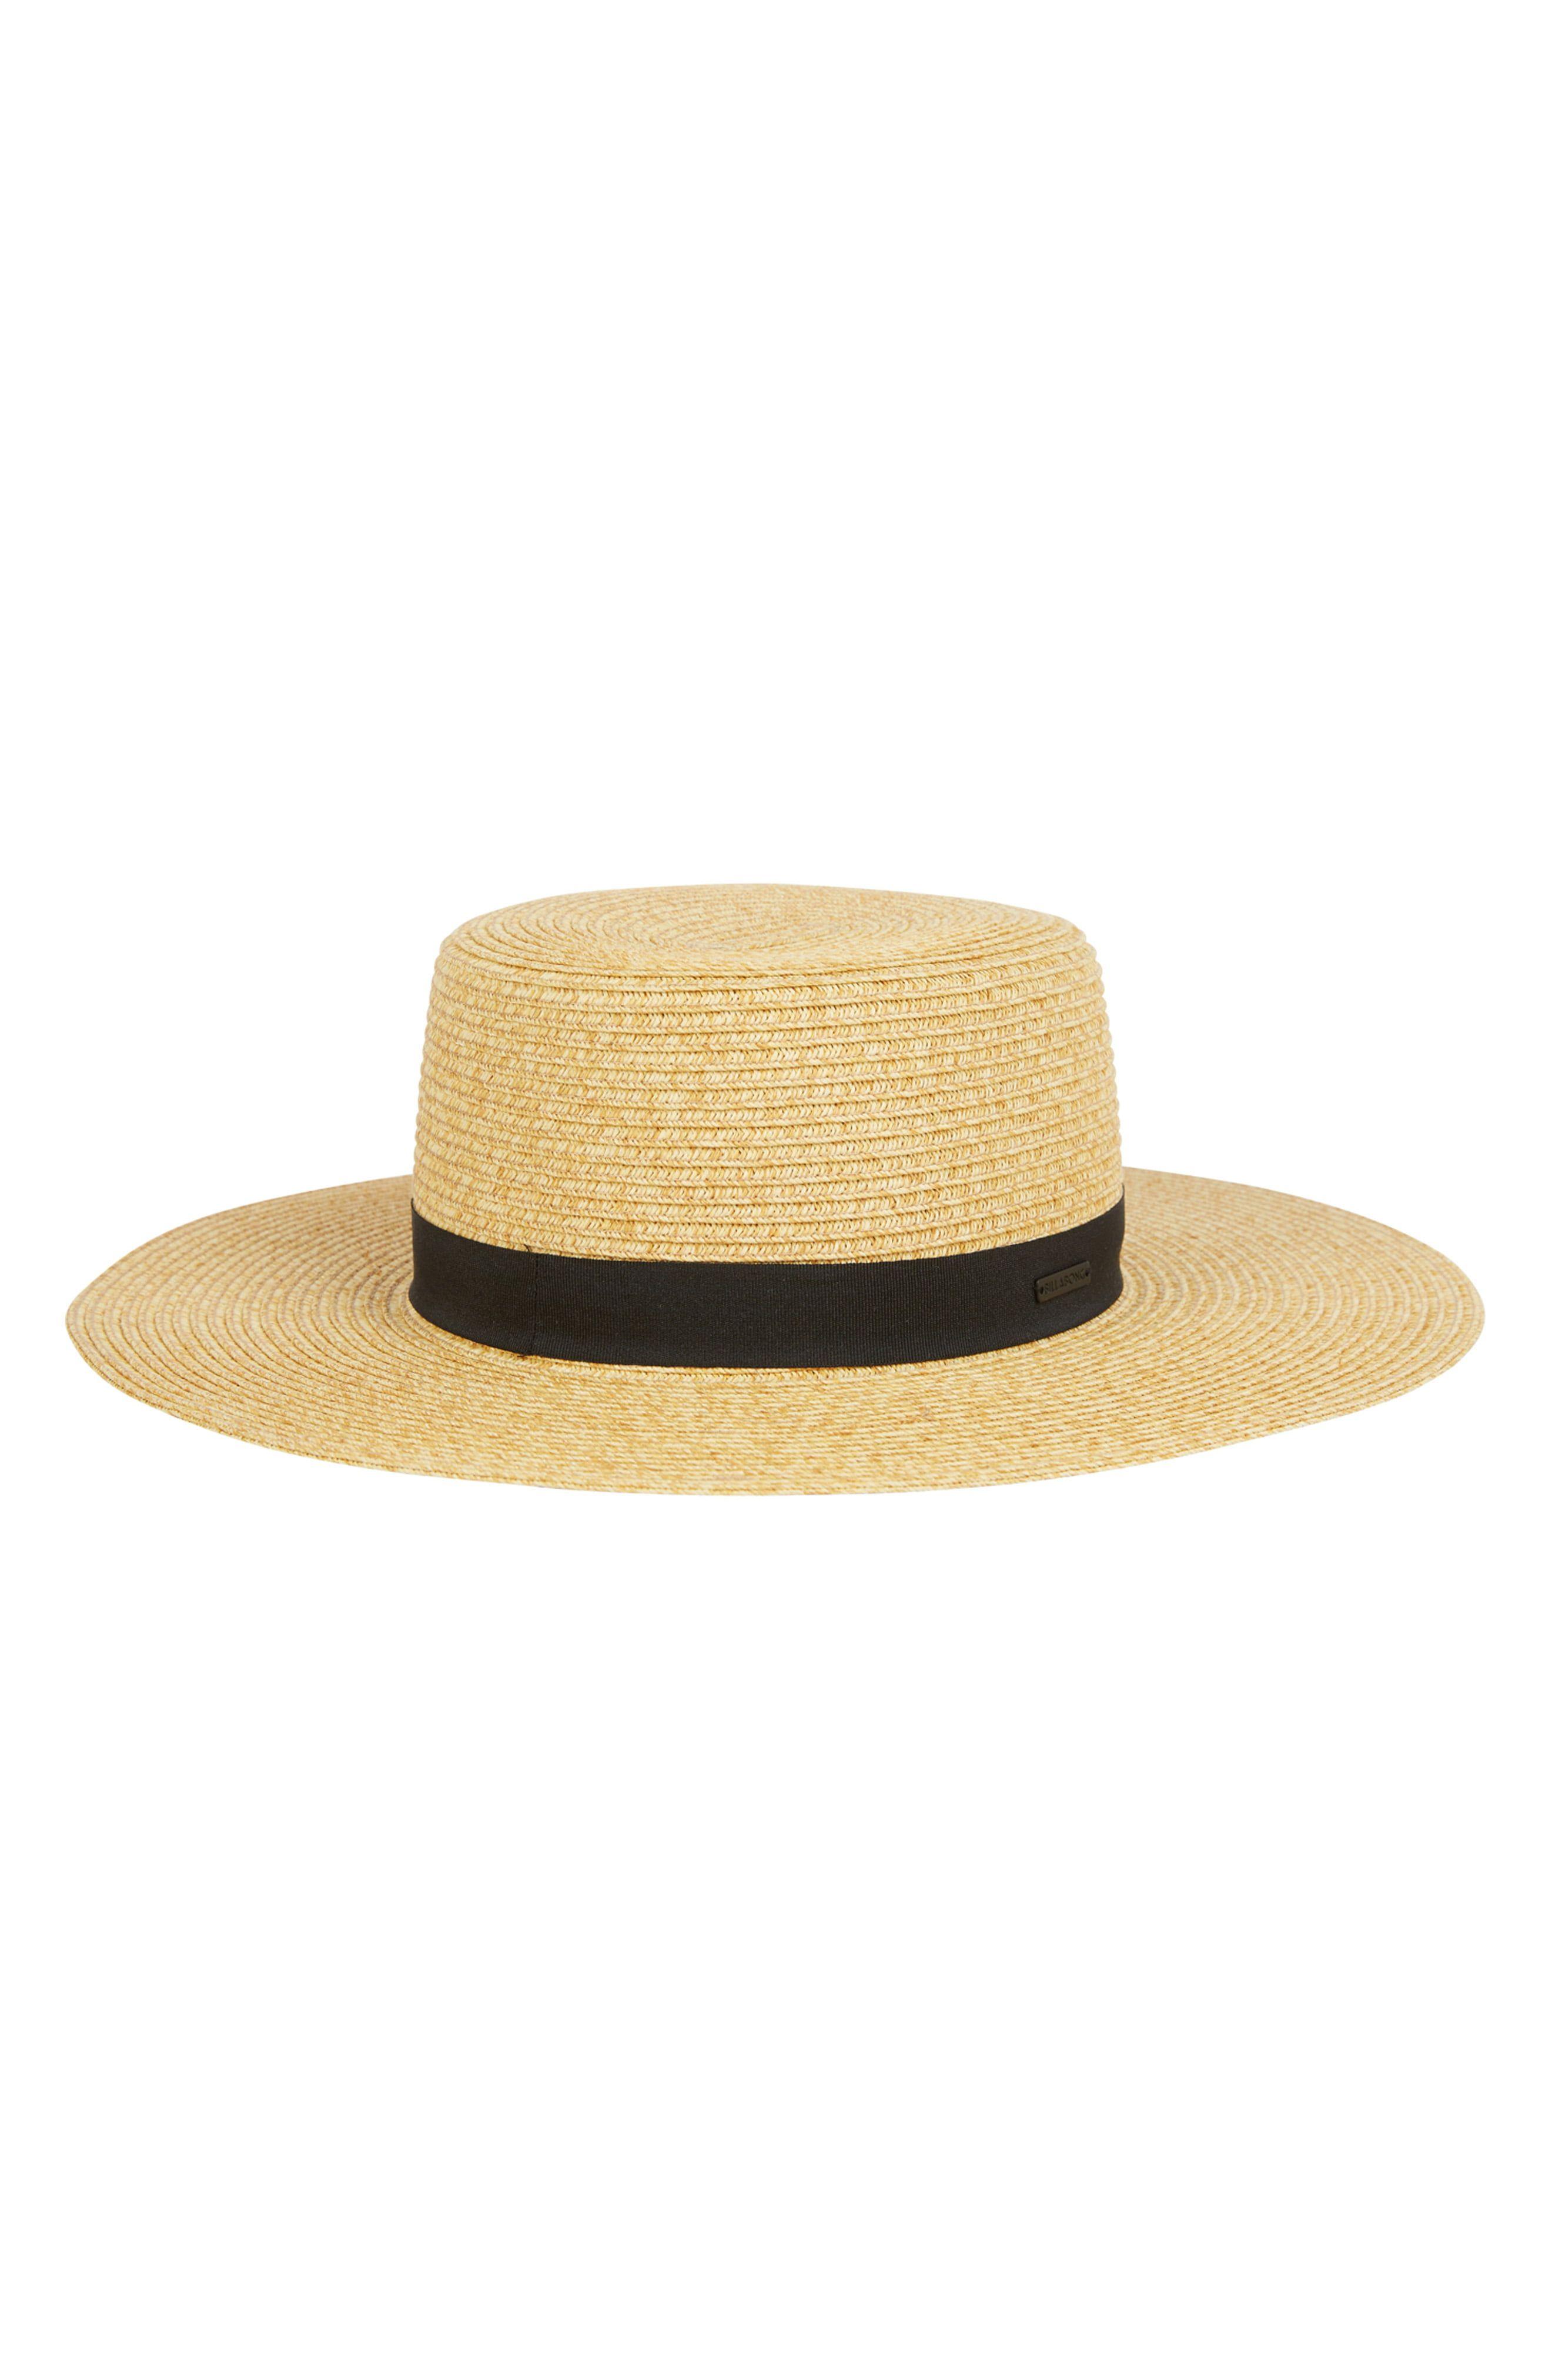 d5c665011ba 20 Best Summer Hats 2019 - Stylish Summer Hats for Women